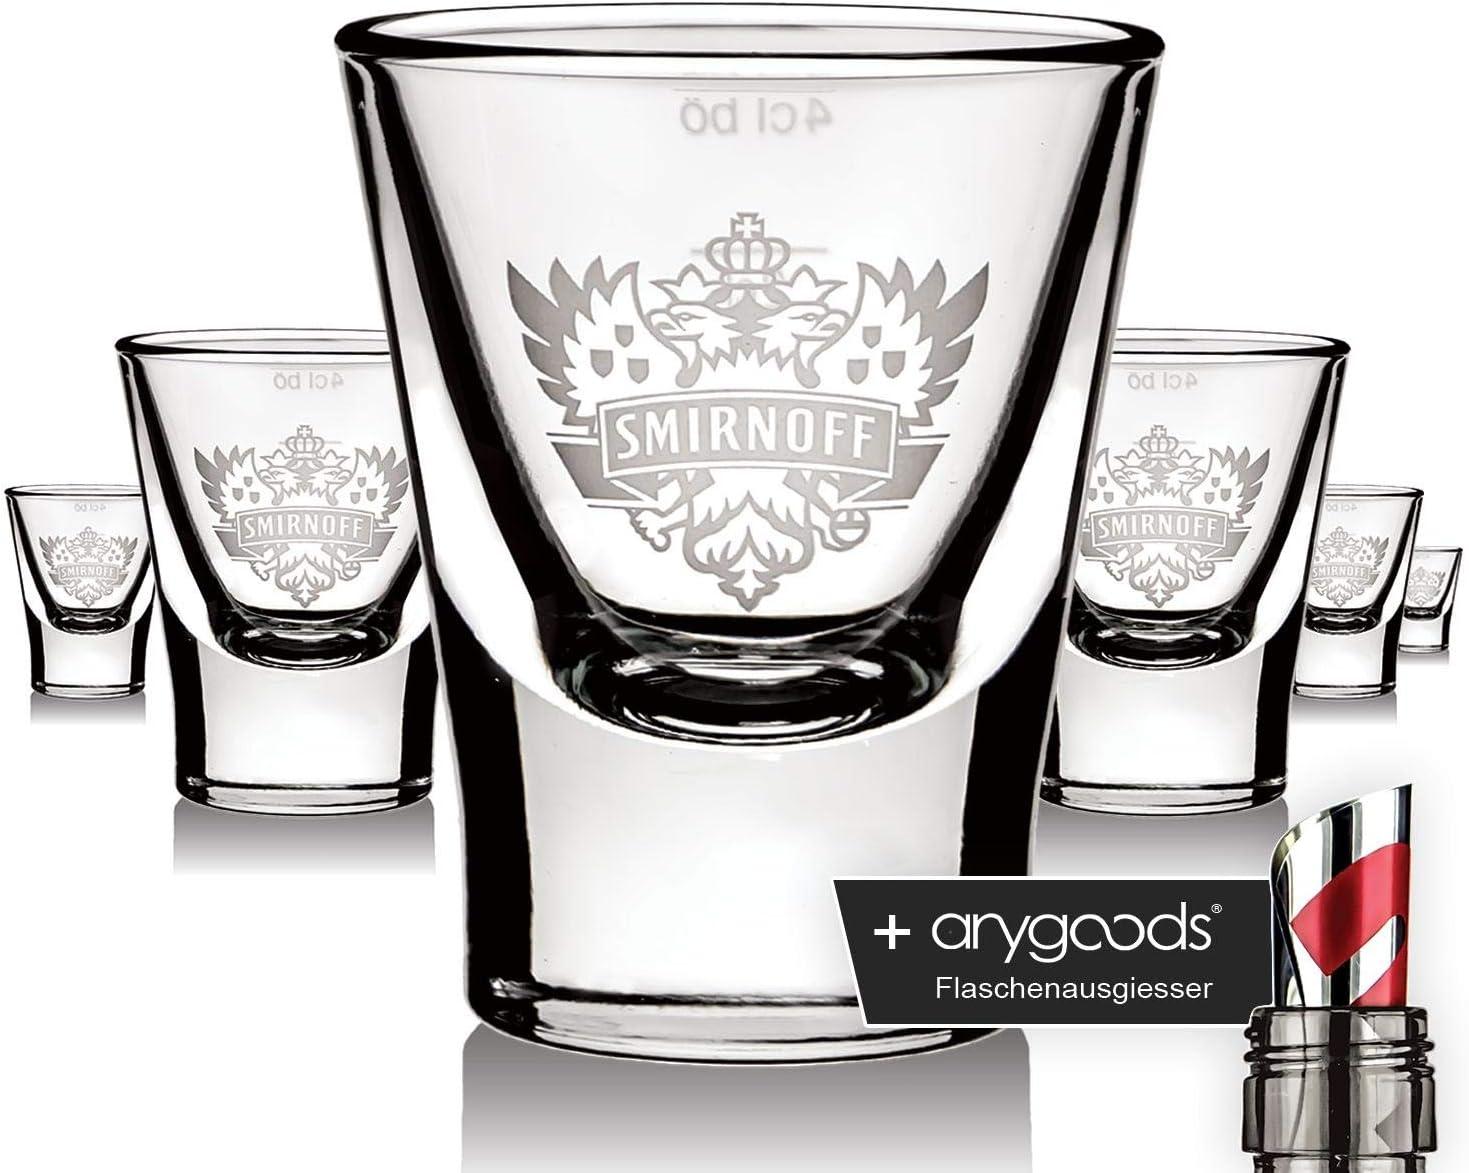 anygoods Flaschenausgiesser 6 x Smirnoff Glas Gl/äser Vodka Shotglas Adler Logo Edition Schnapsglas NEU